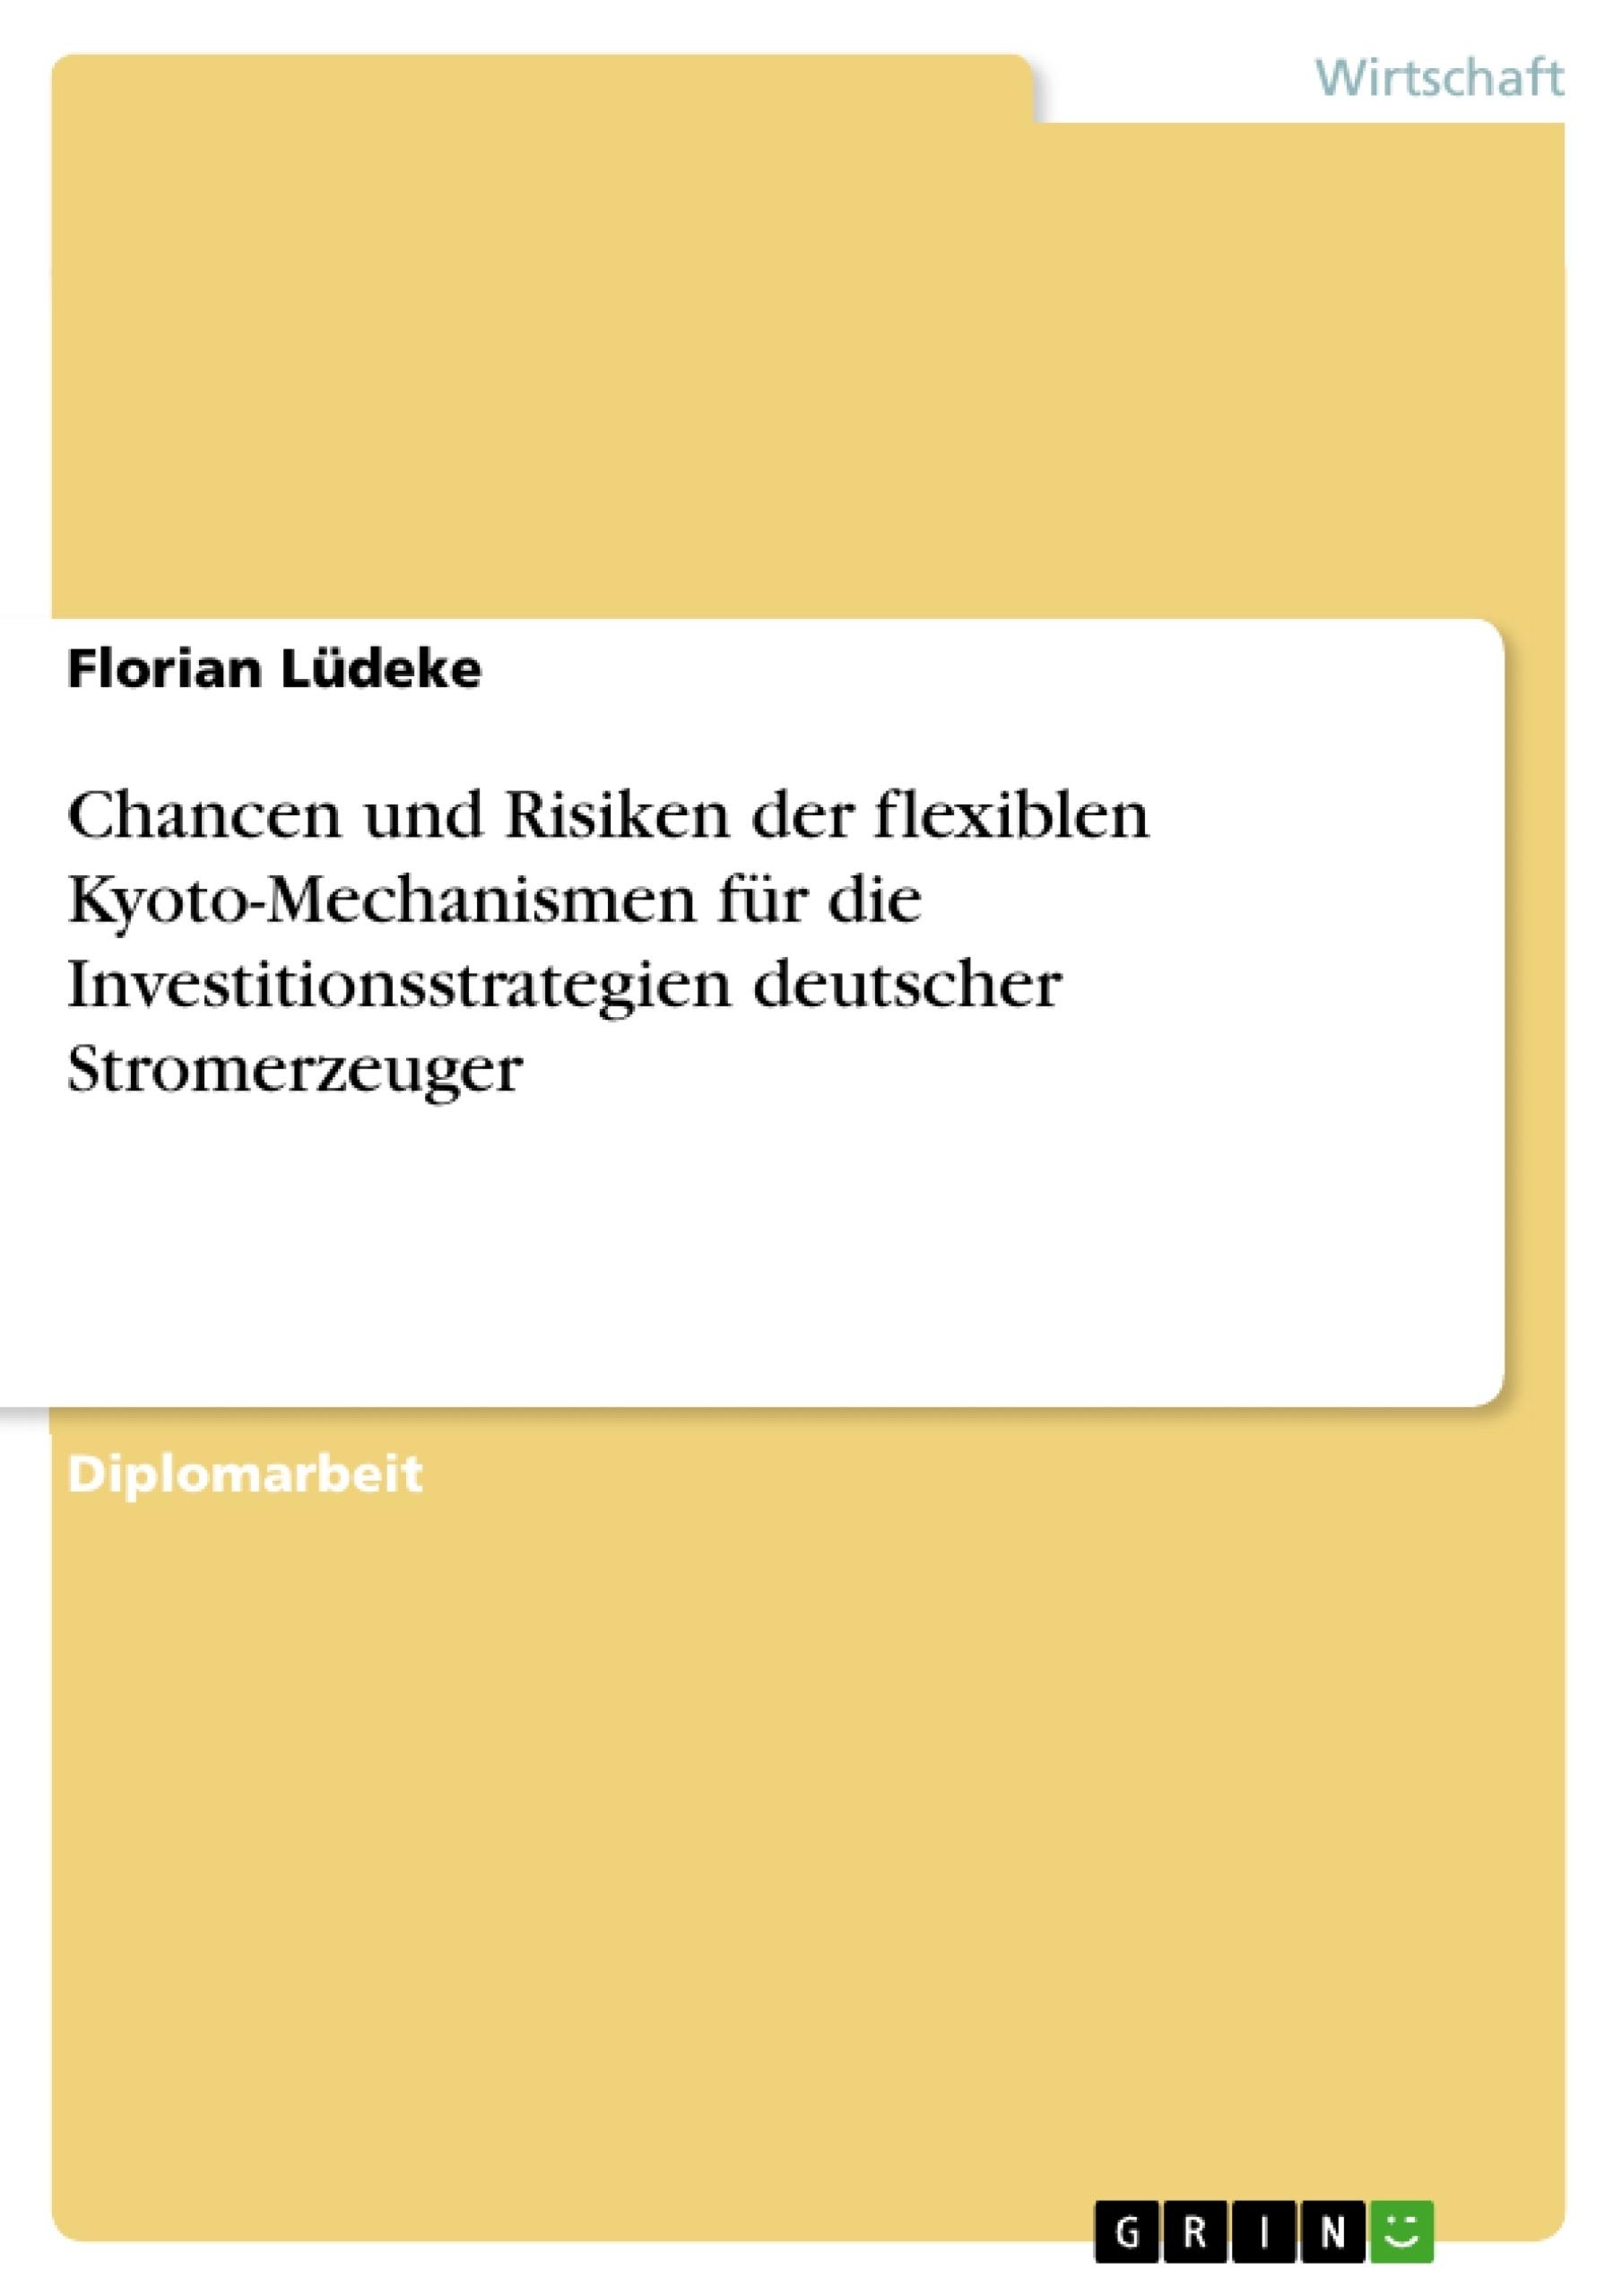 Titel: Chancen und Risiken der flexiblen Kyoto-Mechanismen für die Investitionsstrategien deutscher Stromerzeuger